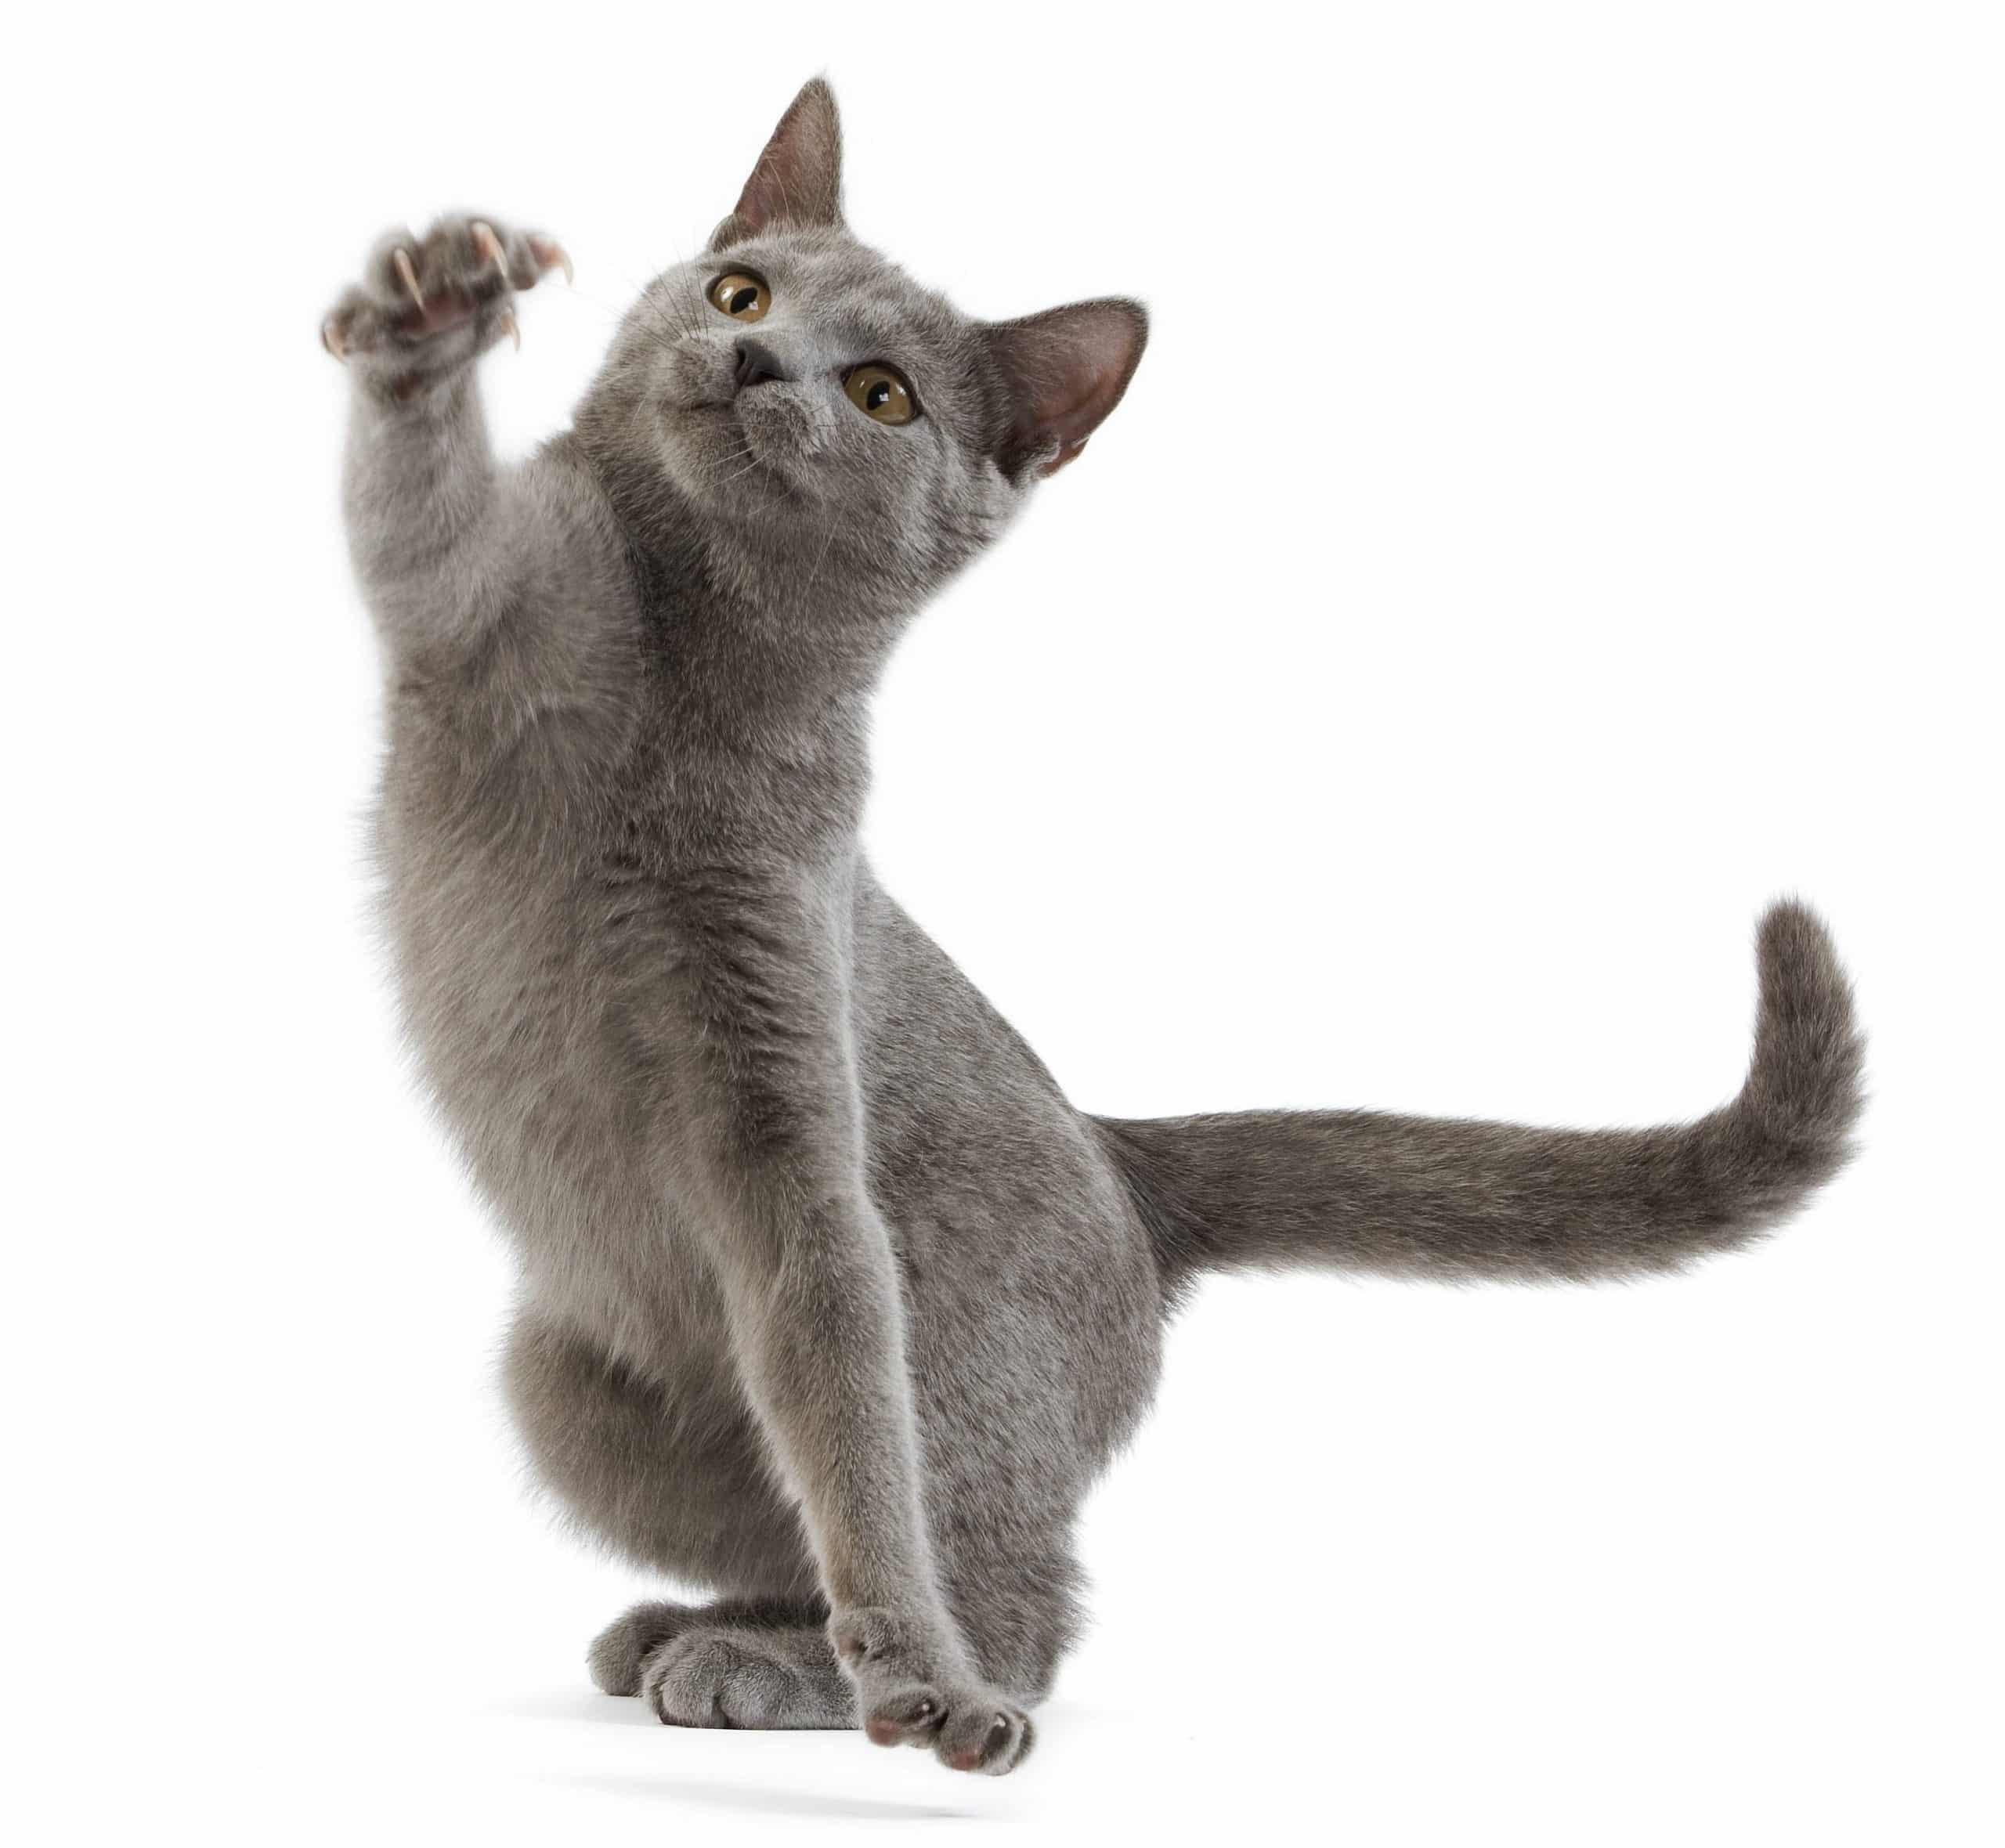 https://www.wikichat.fr/wp-content/uploads/sites/2/quand-et-a-quoi-jouer-avec-mon-chaton-_3-2.jpg